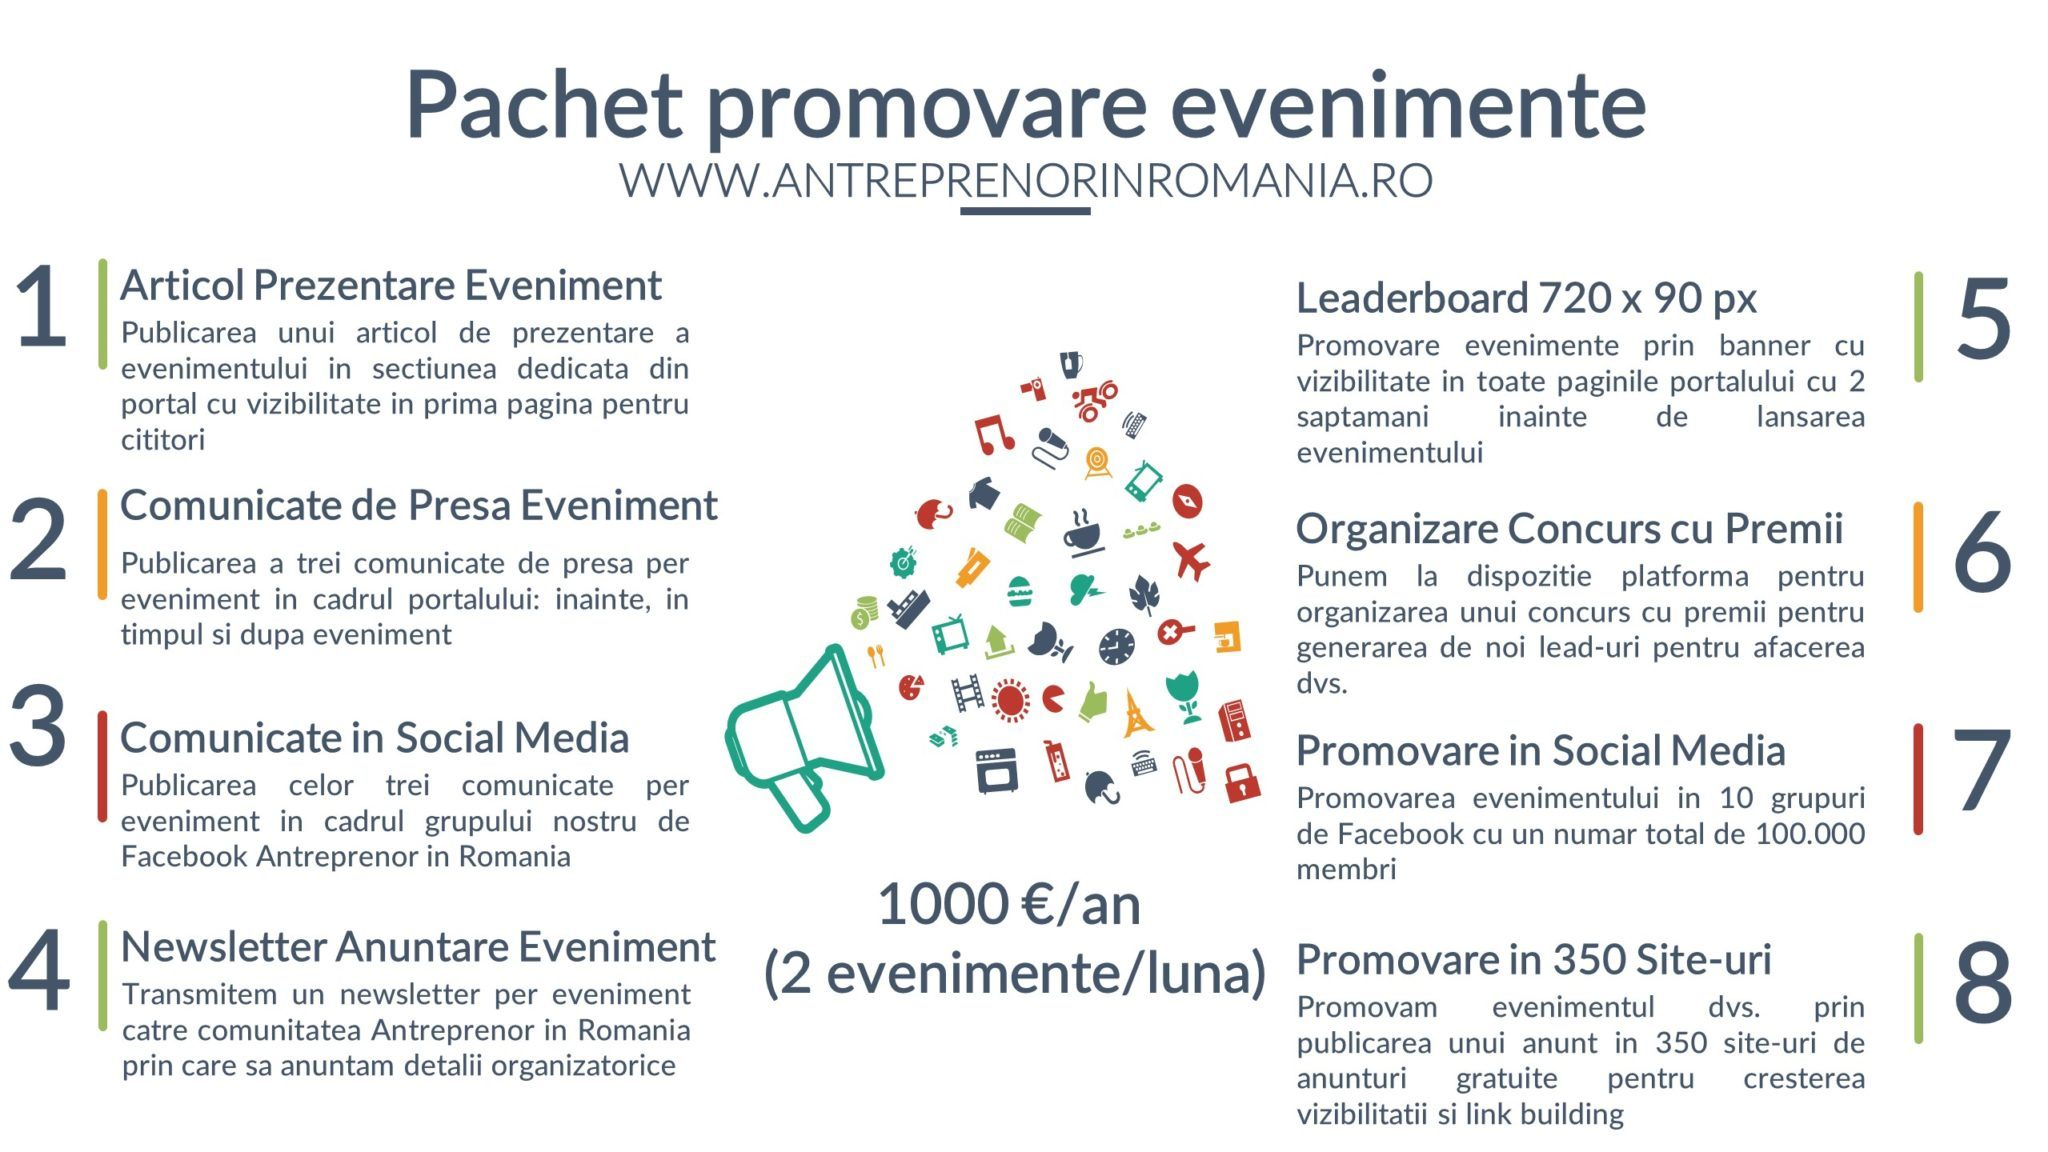 Memership Antreprenor in Romania